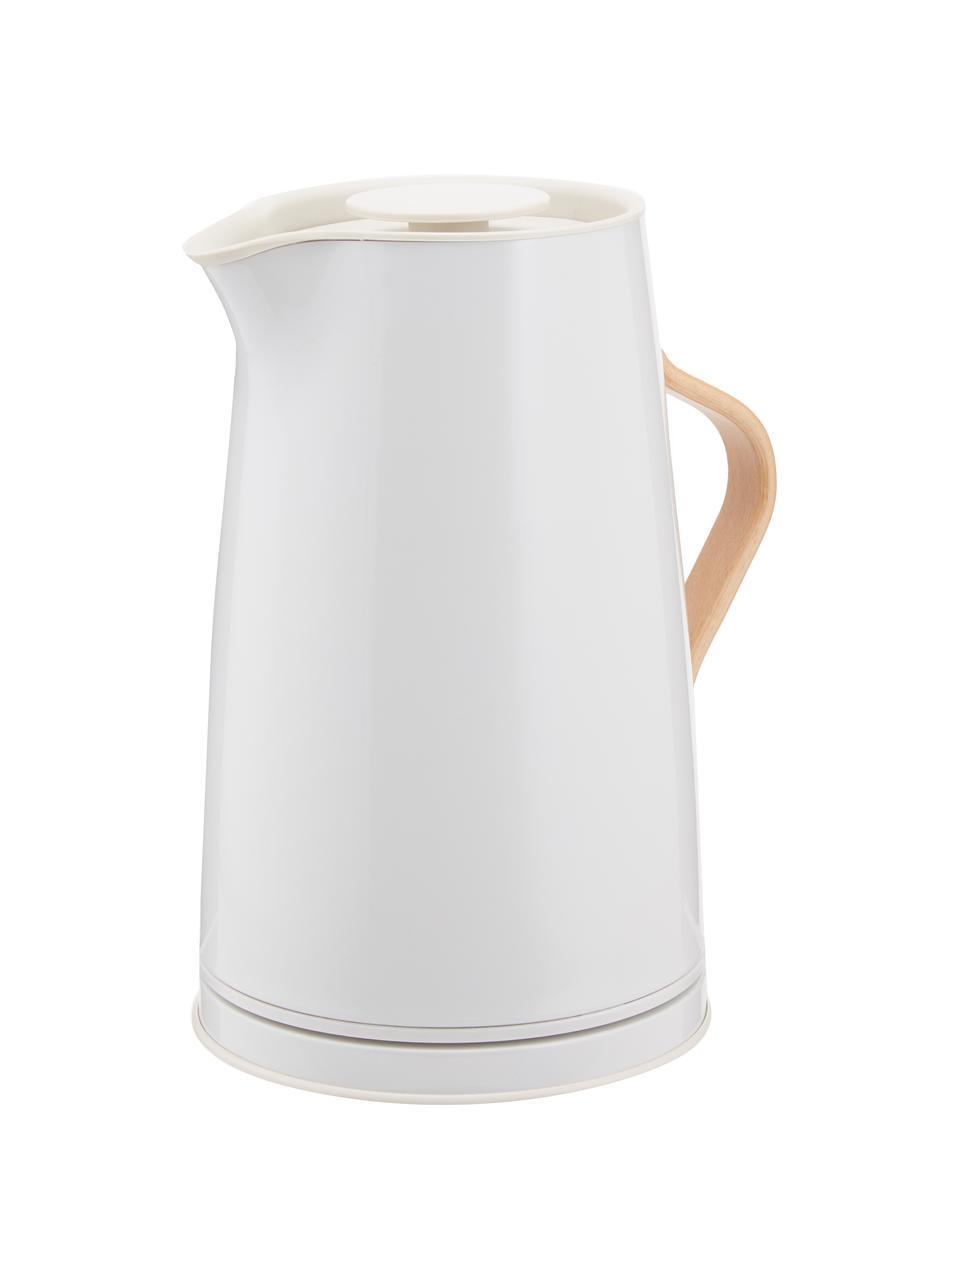 Wasserkocher Emma in Kalkweiß glänzend, Korpus: Edelstahl, Beschichtung: Emaille, Griff: Buchenholz, Kalkweiß, 1.2 L